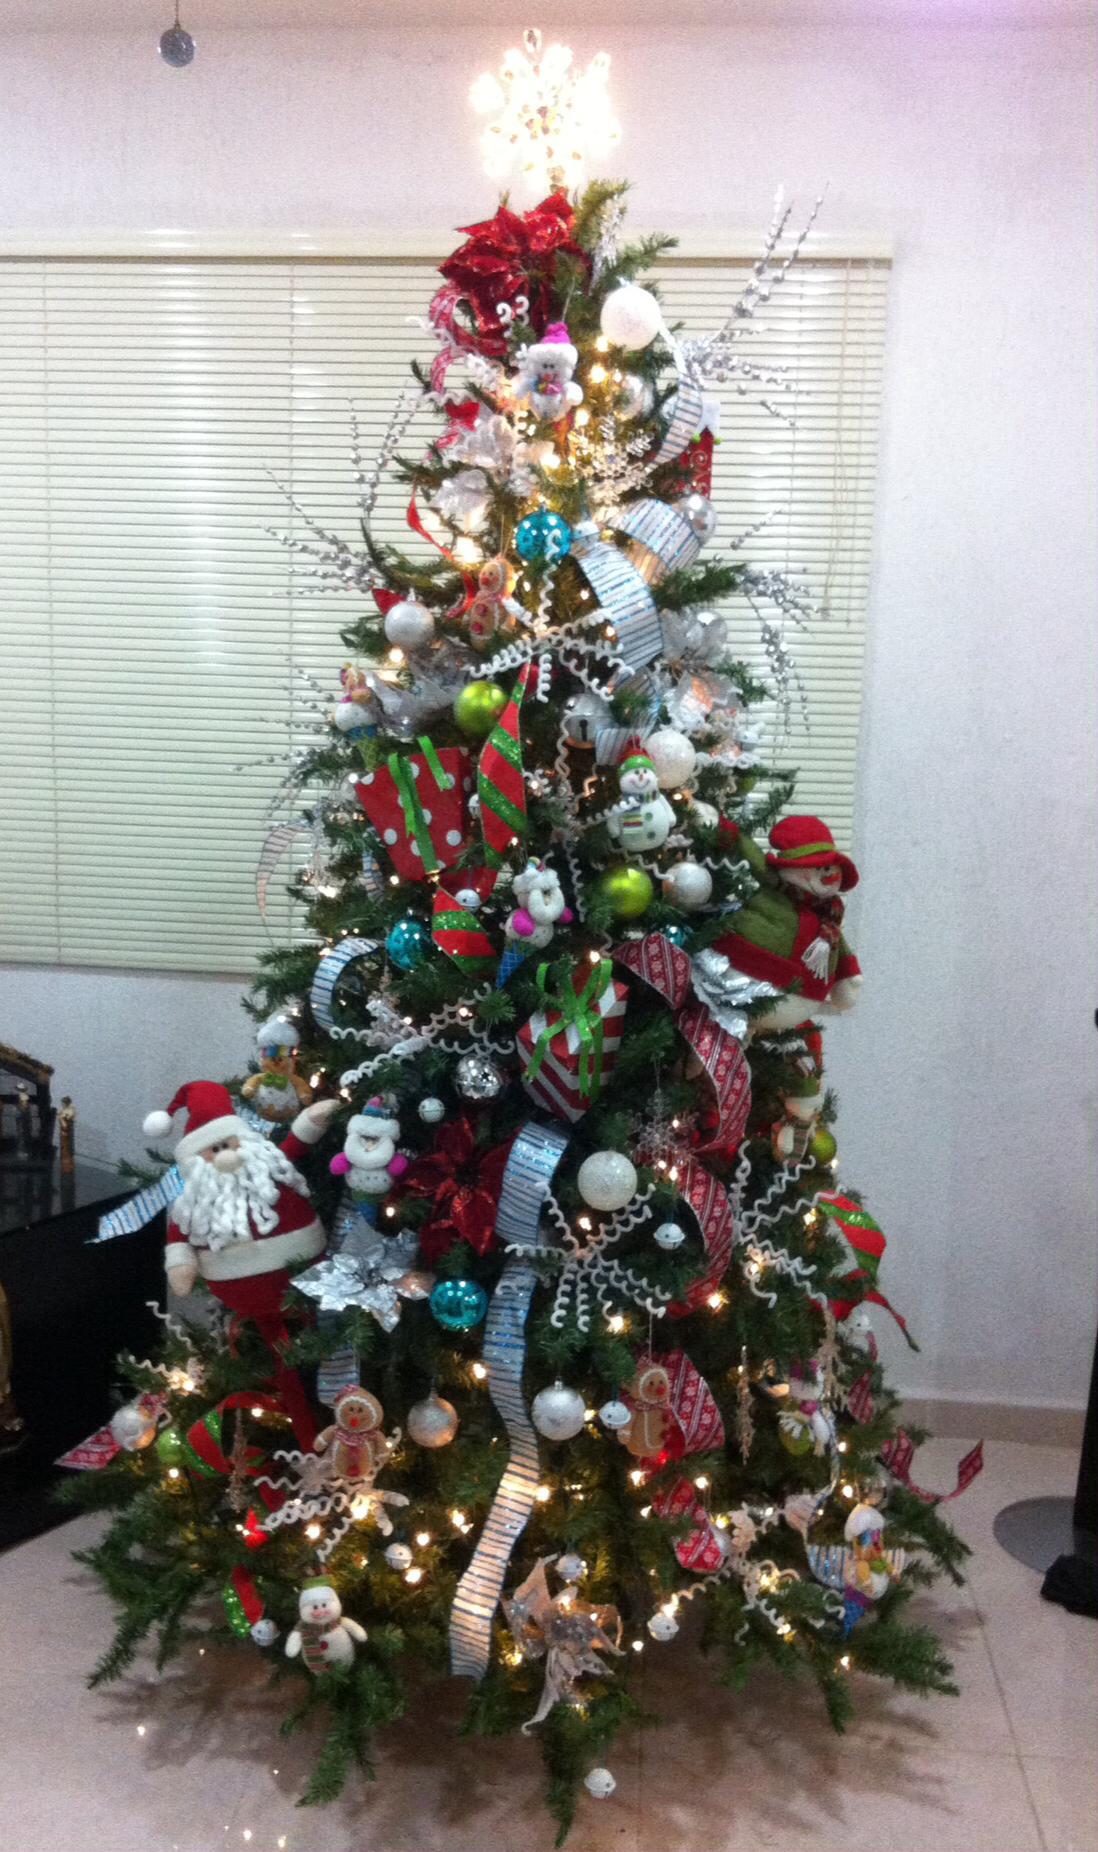 Colorful Christmas Tree Decor